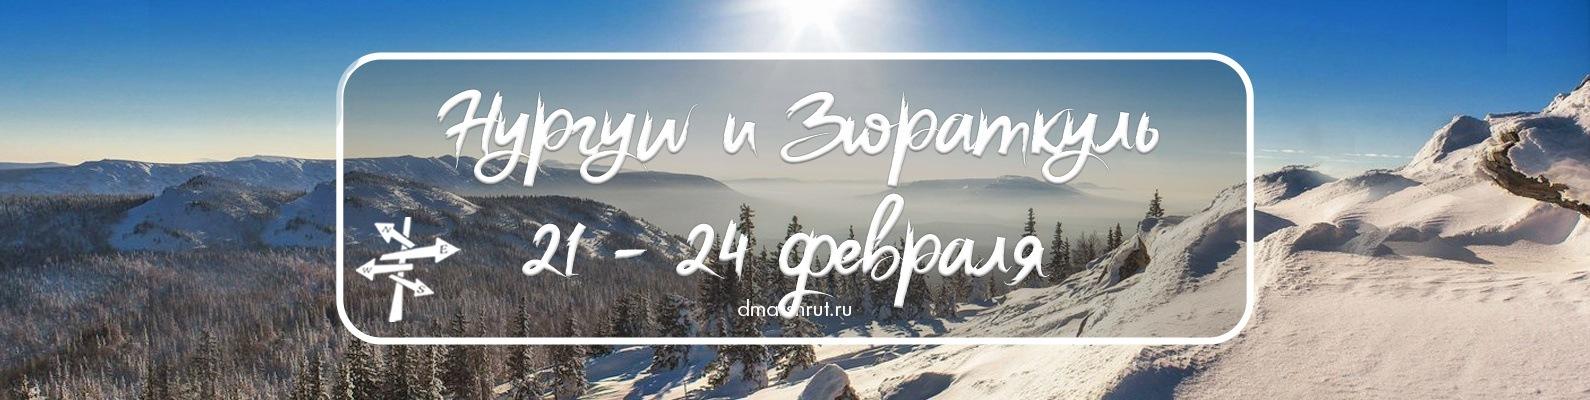 Хребты Нургуш и Зюраткуль | 21 - 24 февраля | ВКонтакте